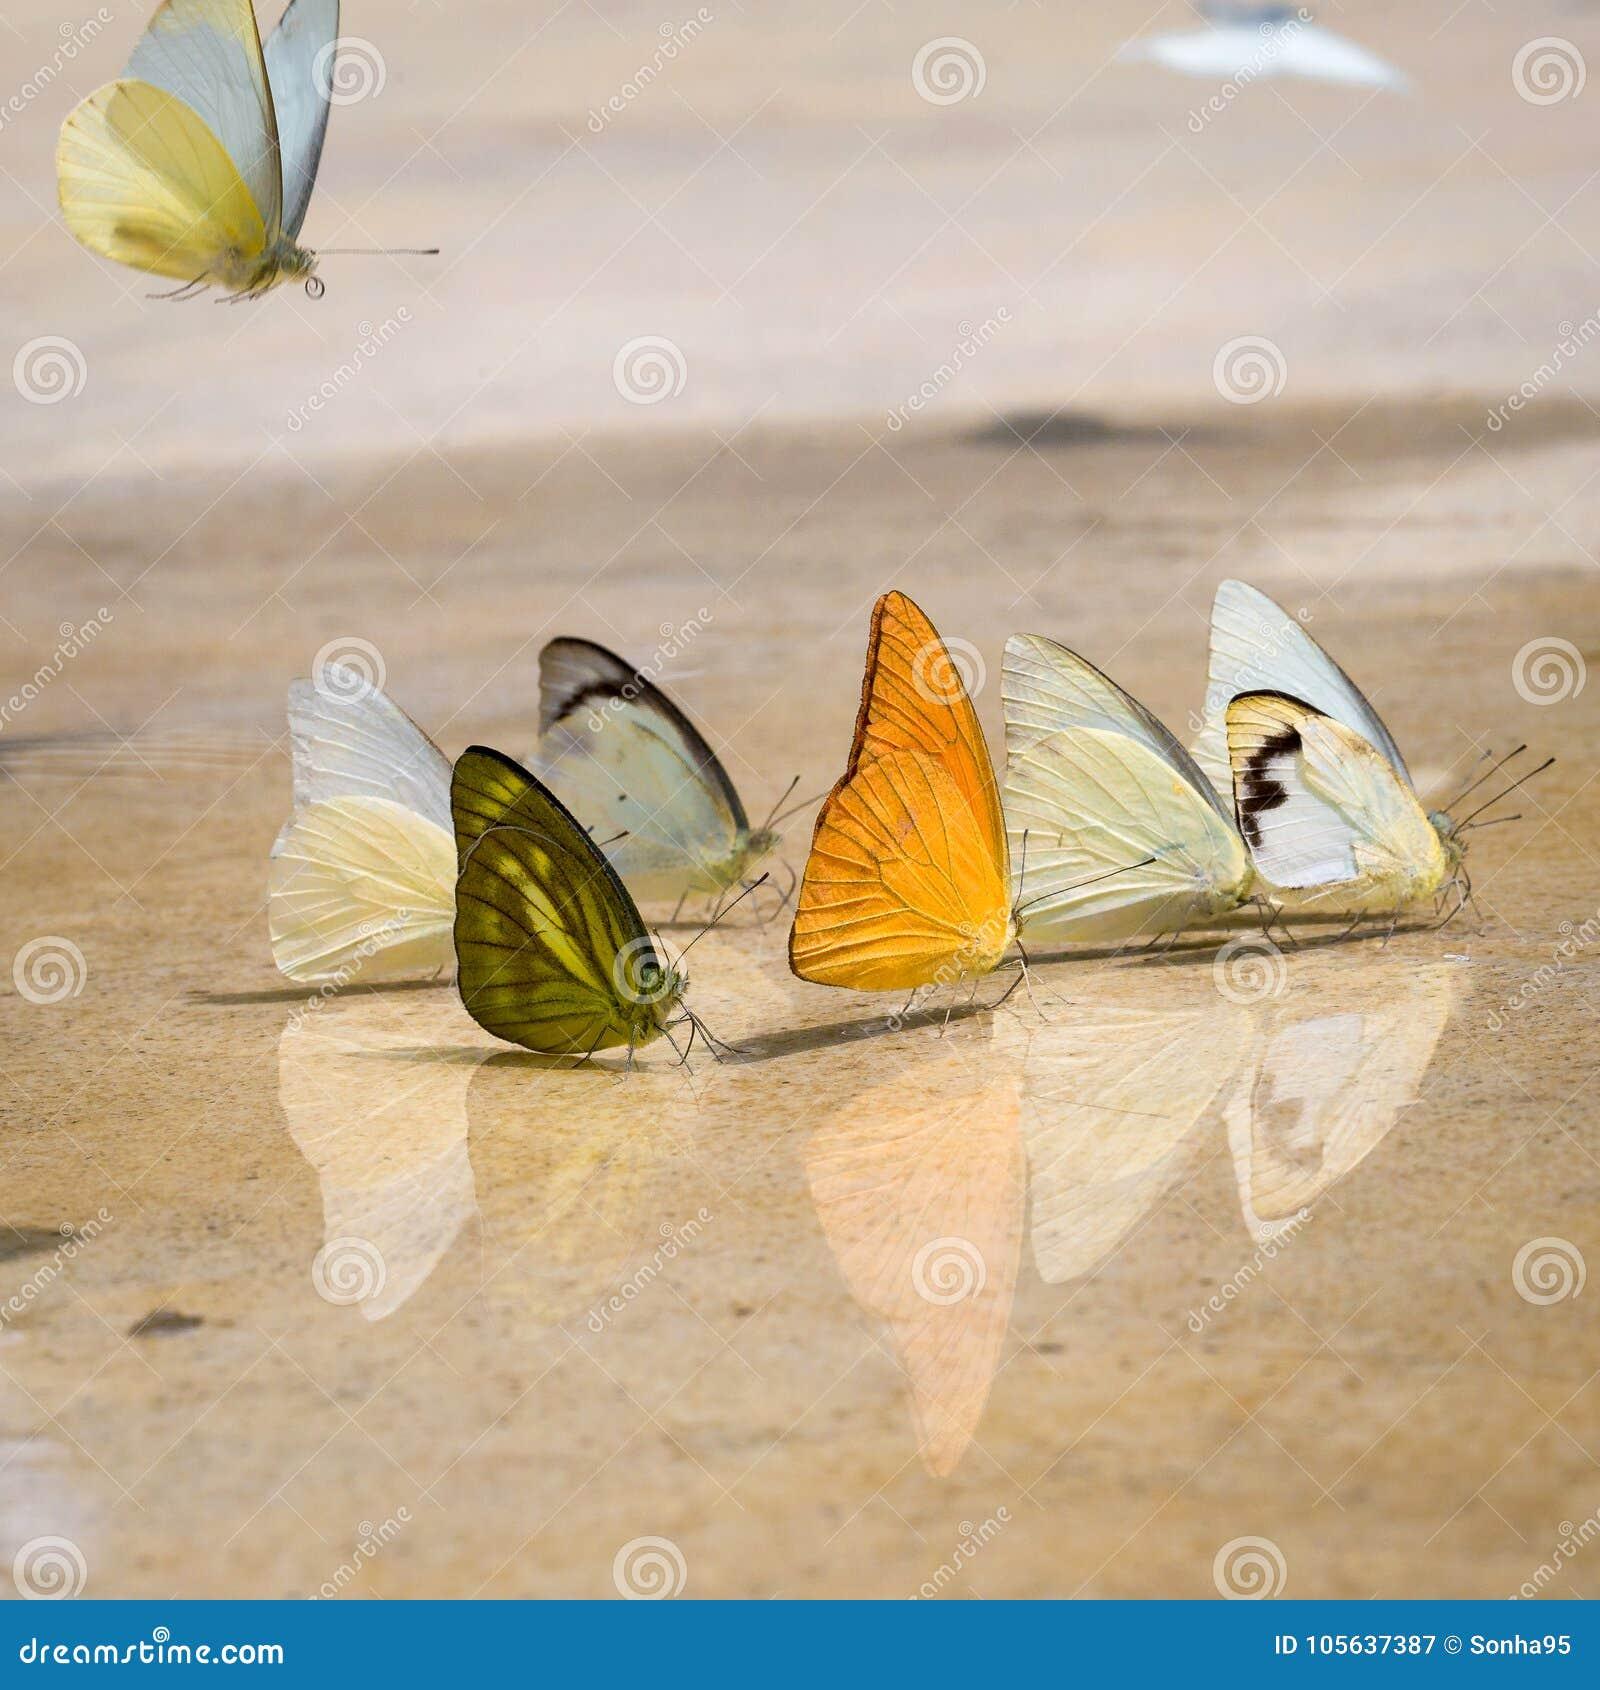 Las mariposas aparecen temprano en el verano